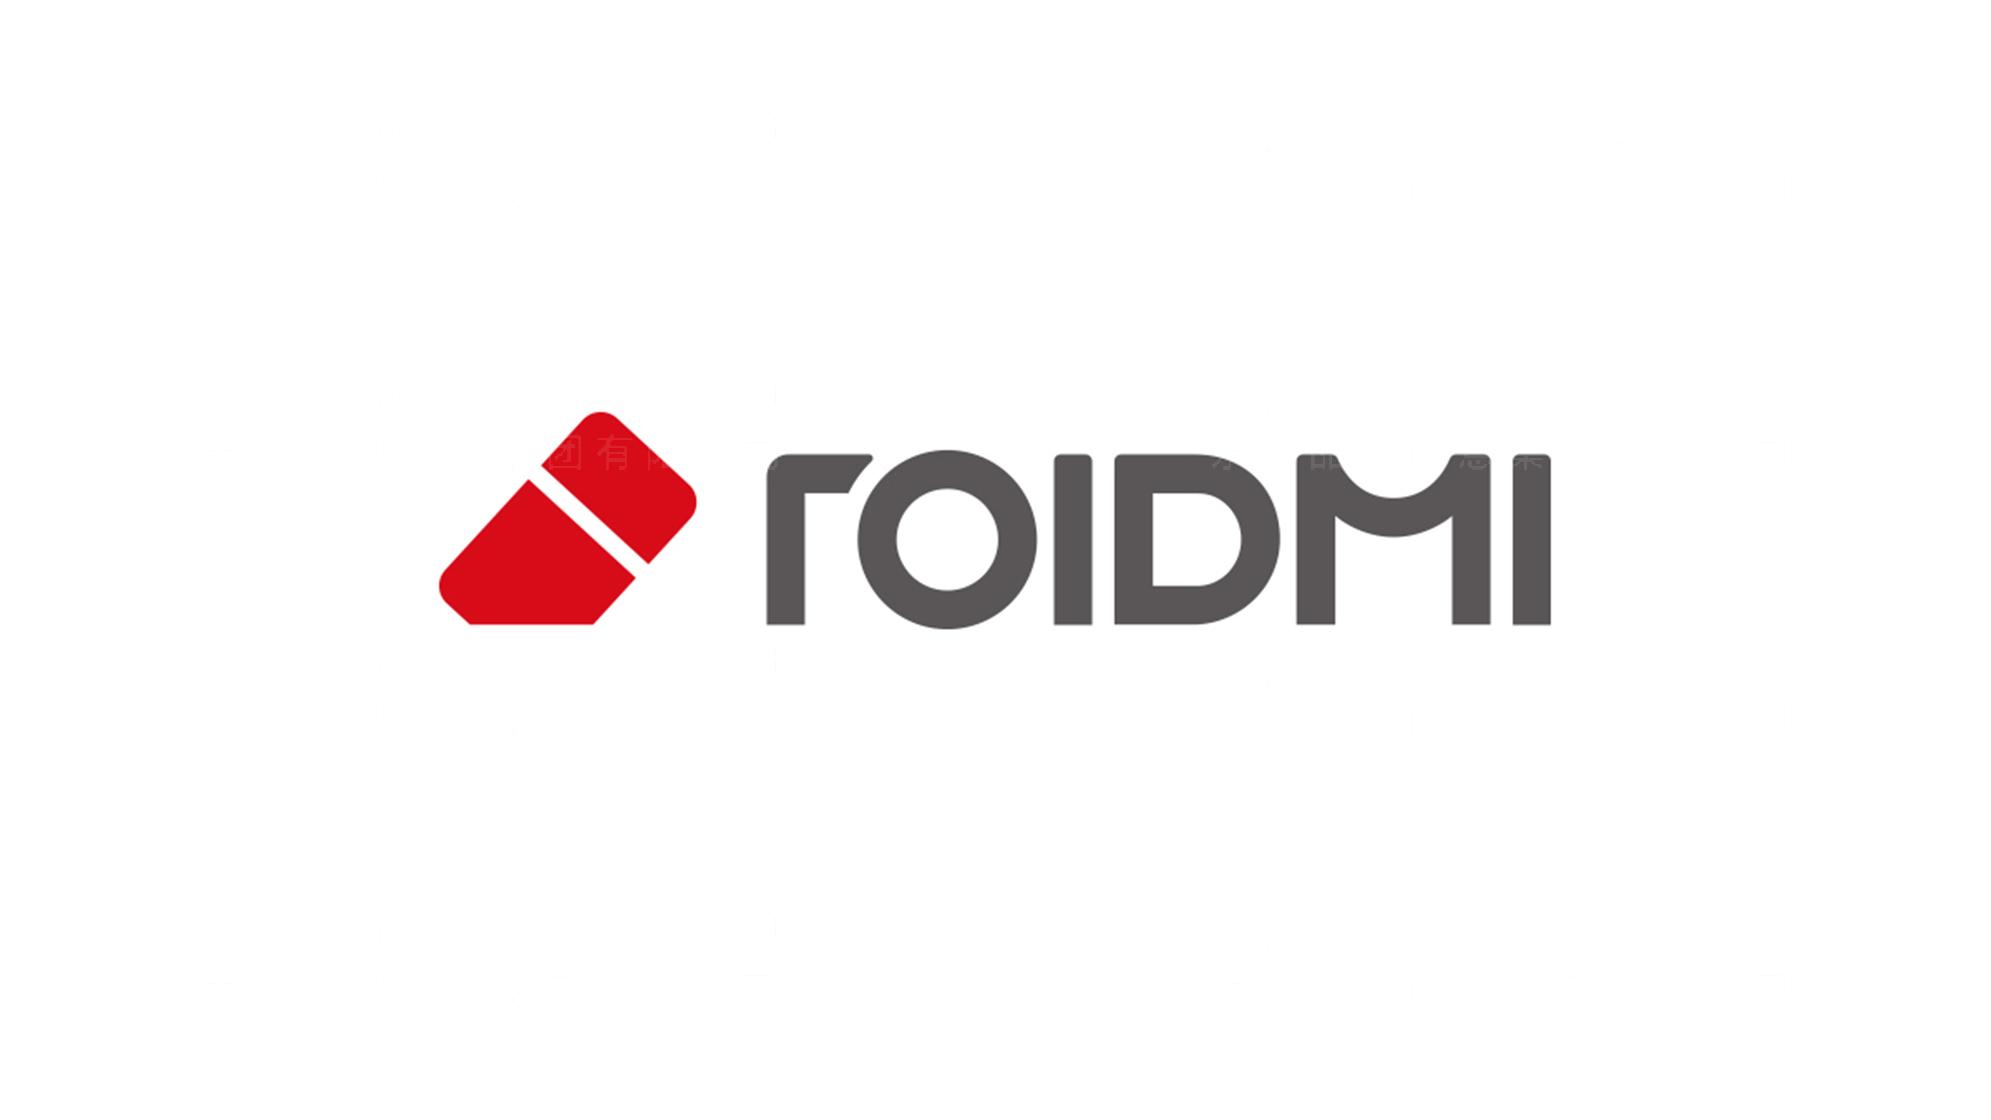 创意logo设计为睿米塑造品牌形象